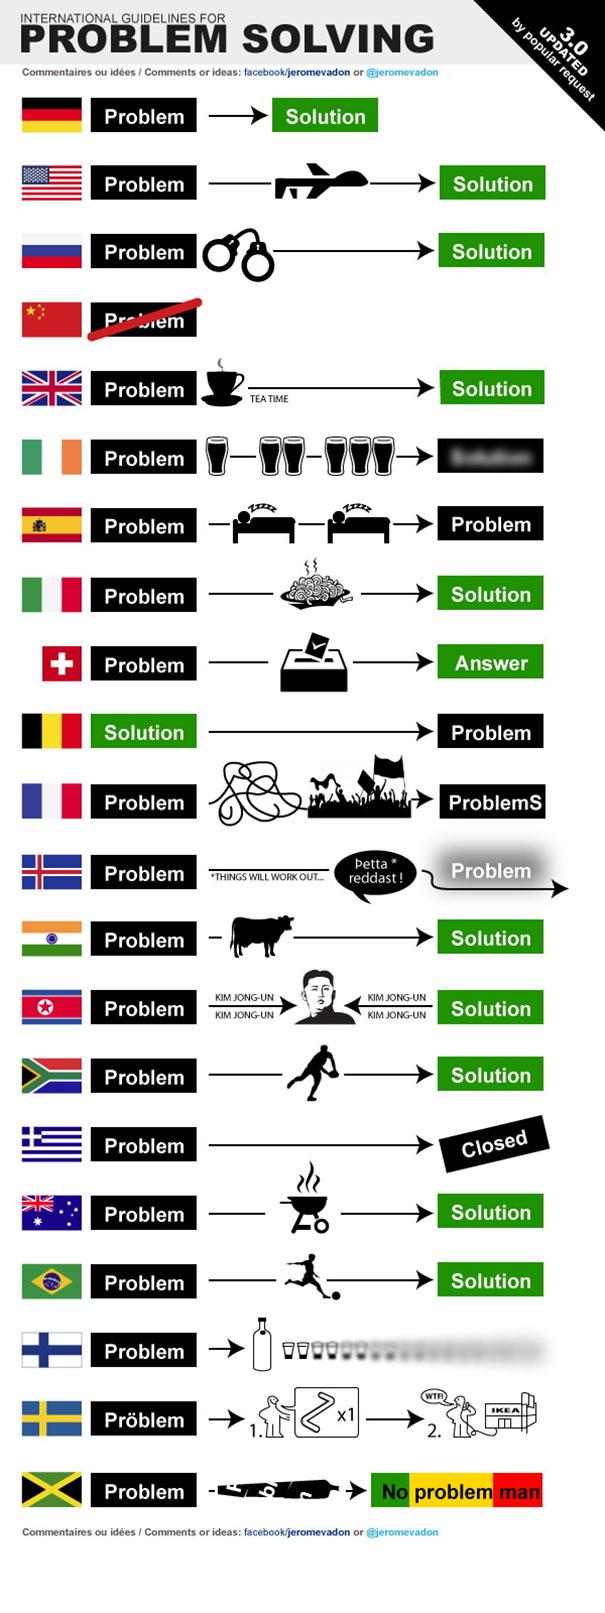 Πως λύνει τα προβλήματα της κάθε χώρα